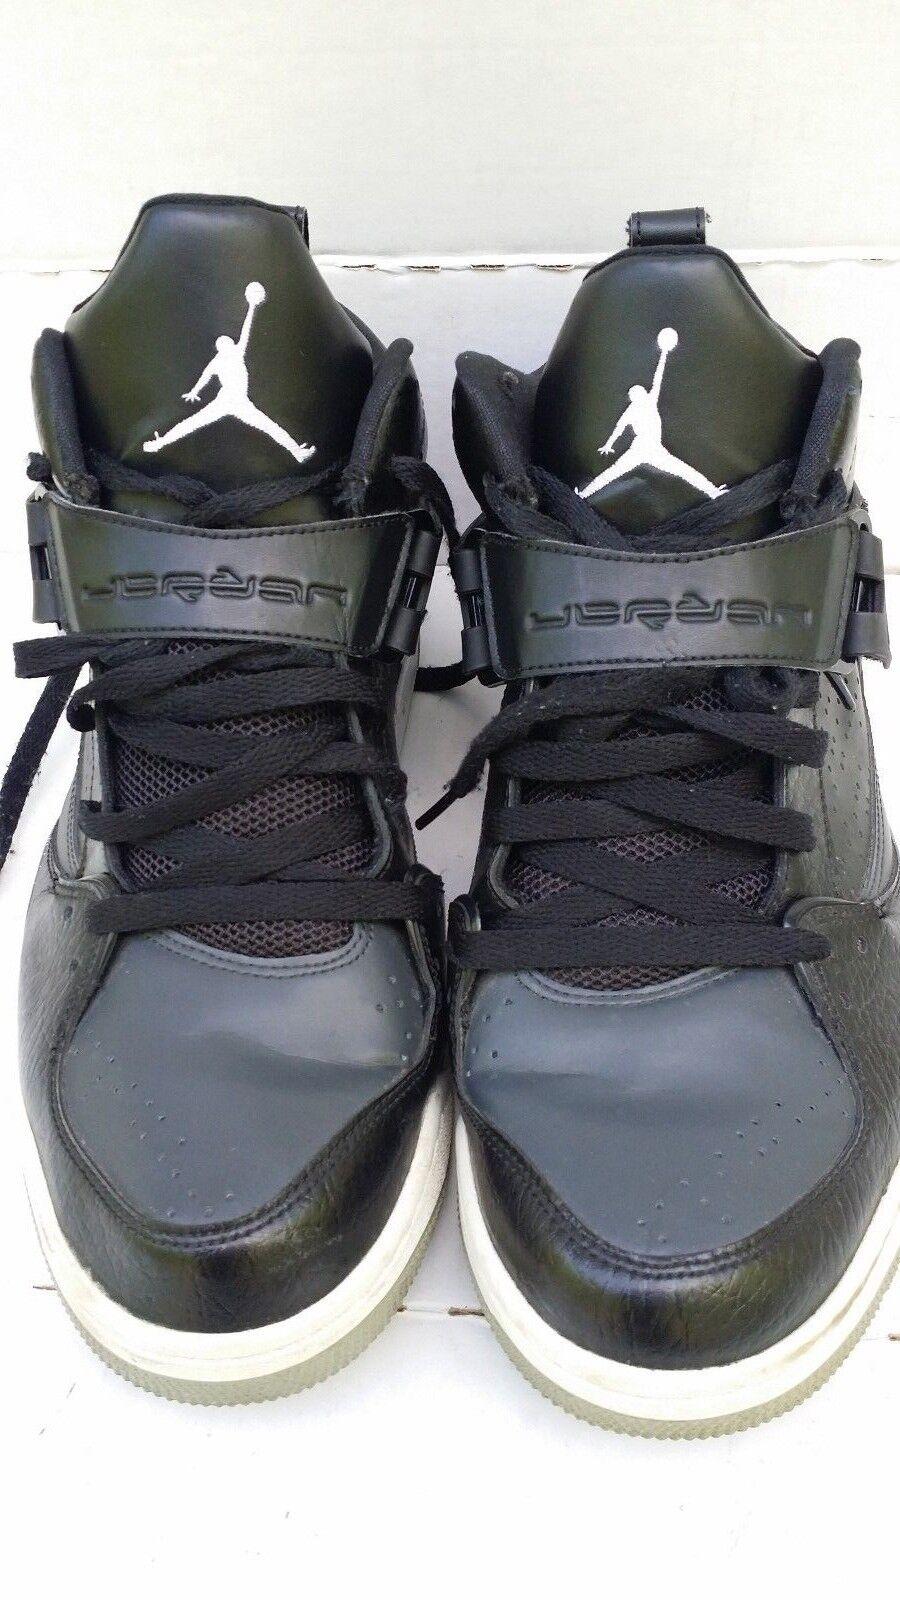 jordan volo scarpe da basket 644846-005 grigio grigio 644846-005 nero taglia 12 9545f5